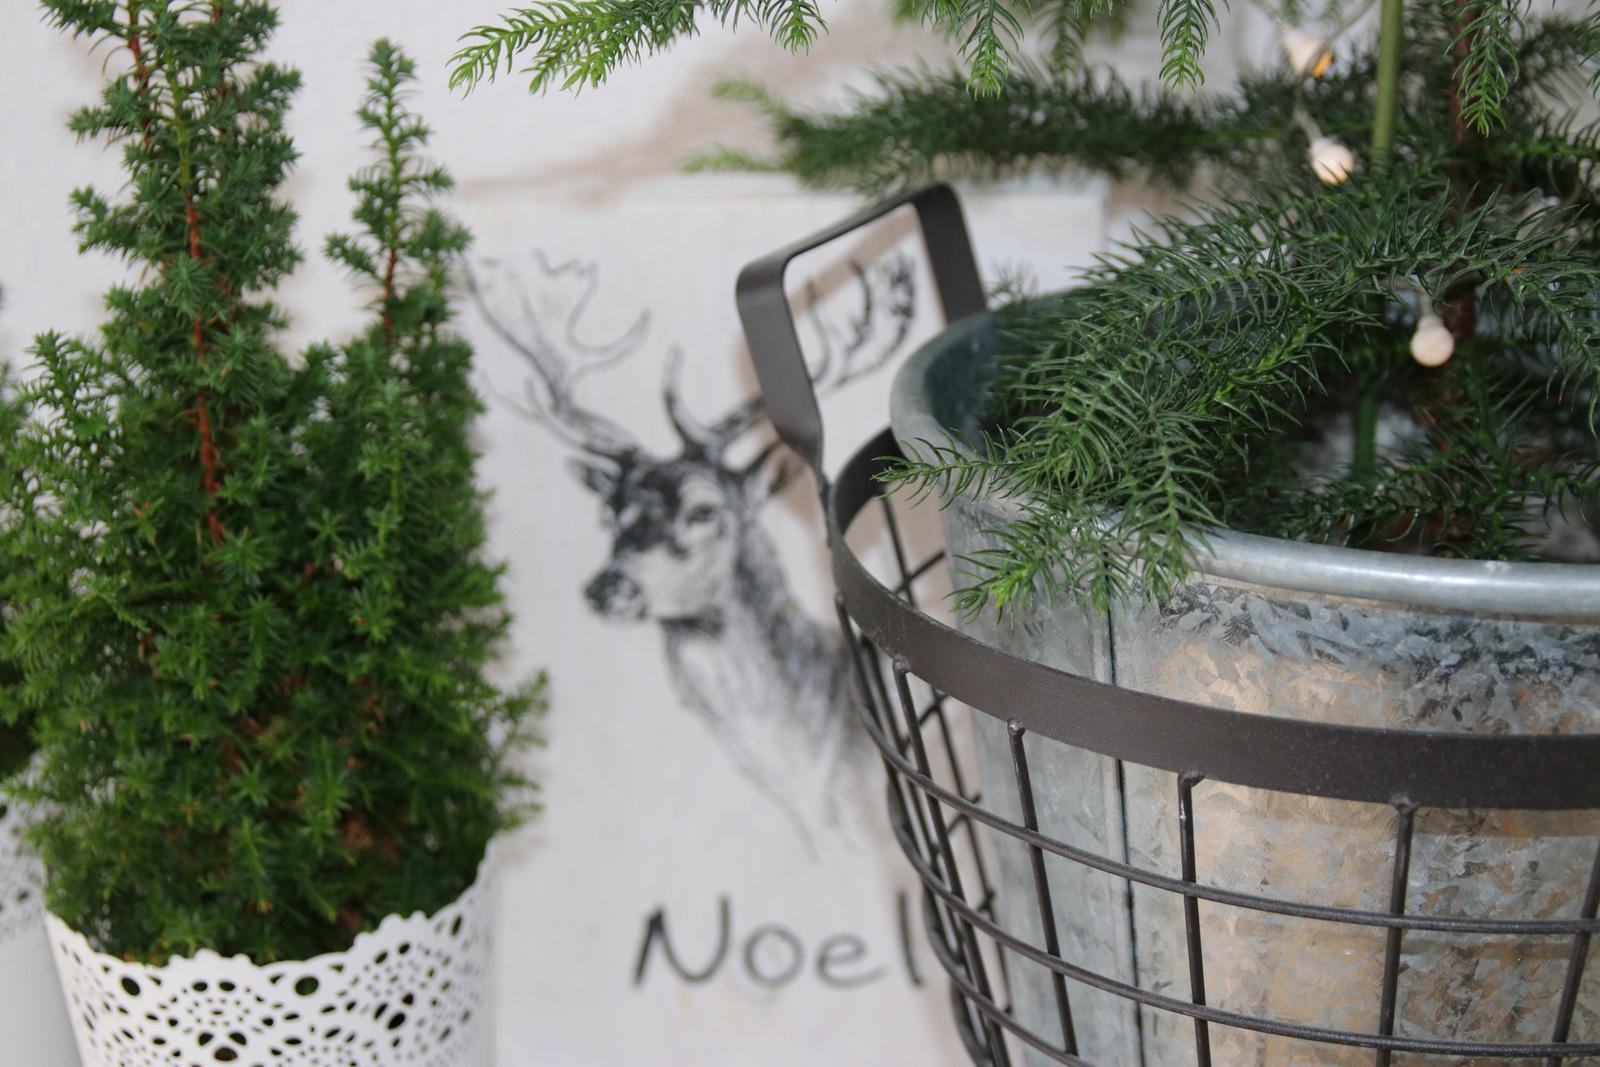 Weihnachtsdeko, Skandi, Scandic, Dekoration, Wohnzimmer, Weihnachten, Advent, Schwarz, Weiß, Natur, Grün, Pflanzen, Urban Gardening, Leiter, Typographie, Interieur, Ideen, Bayern, Deutschland, Germandy, Shabby, Used